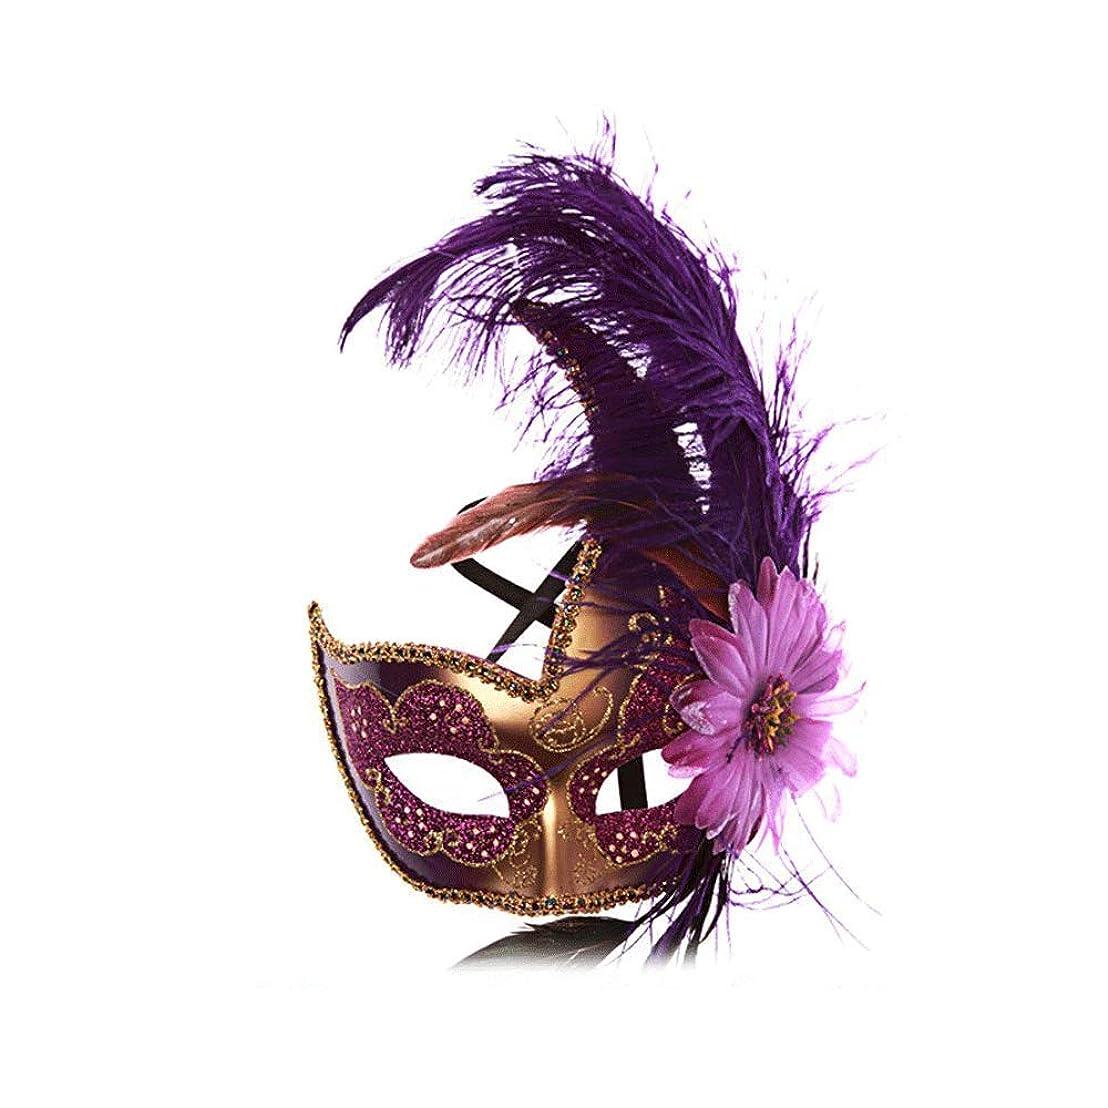 挨拶のヒープフローティングNanle ハロウィンマスクハーフフェザーマスクベニスプリンセスマスク美容レース仮面ライダーコスプレ (色 : Style B purple)